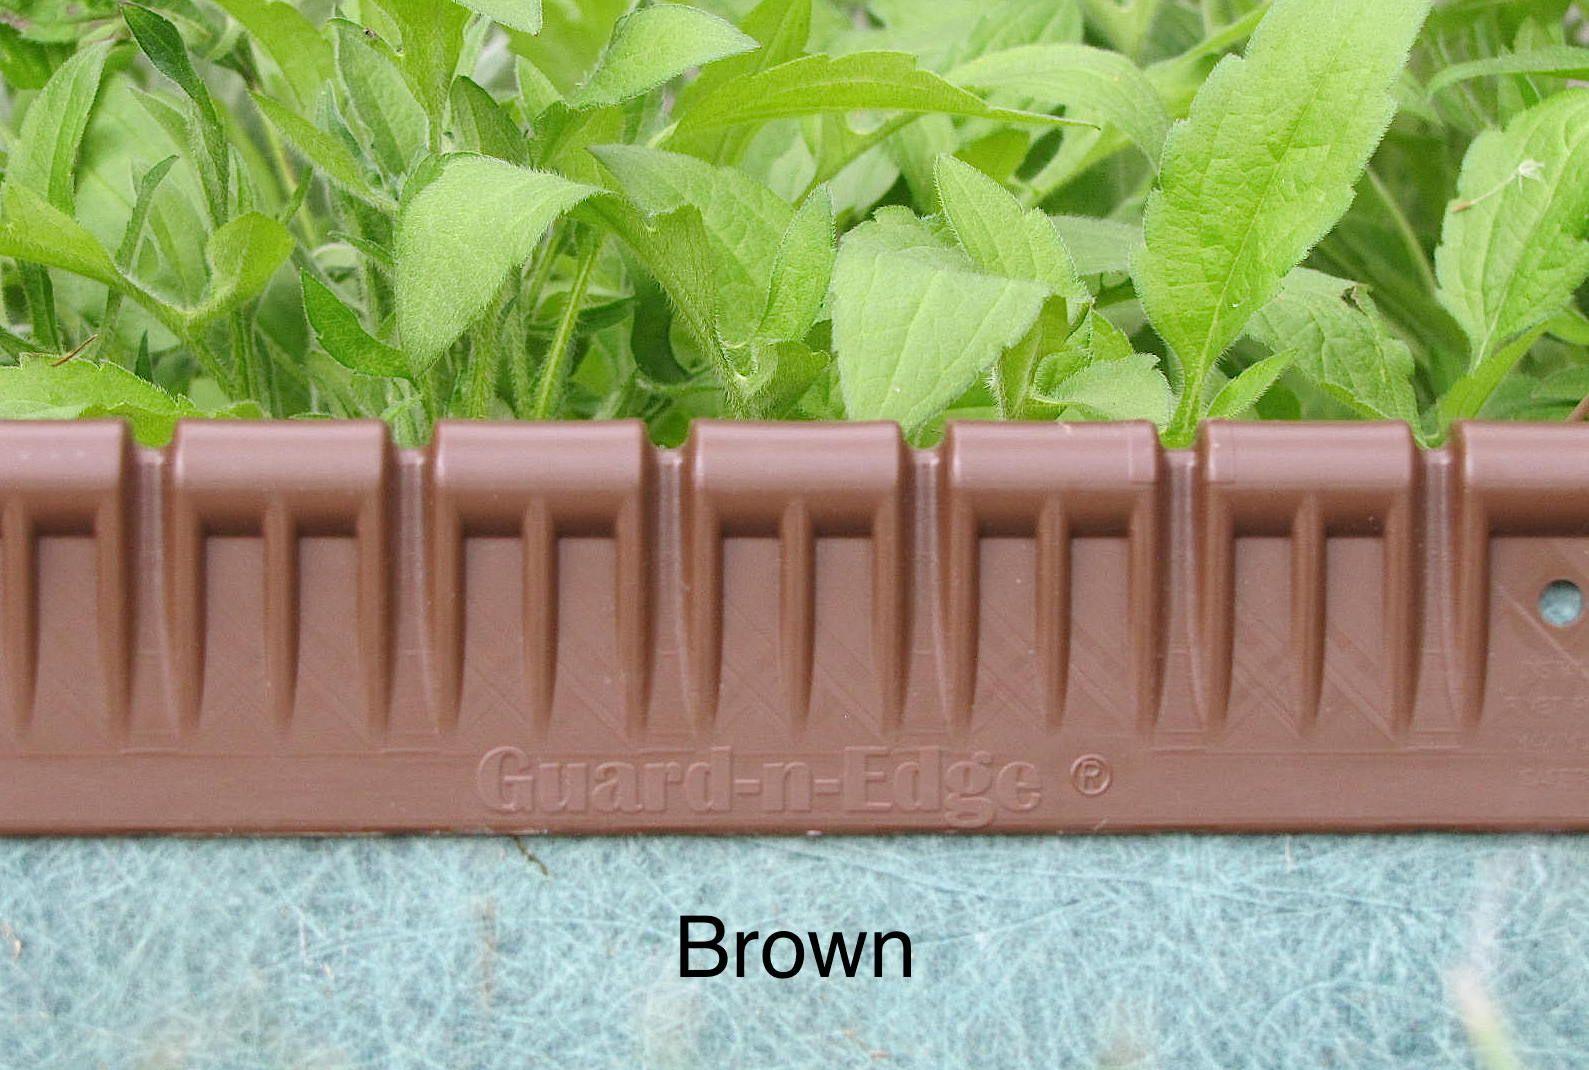 Guard-n-Edge 30 Foot Bundle: Brown